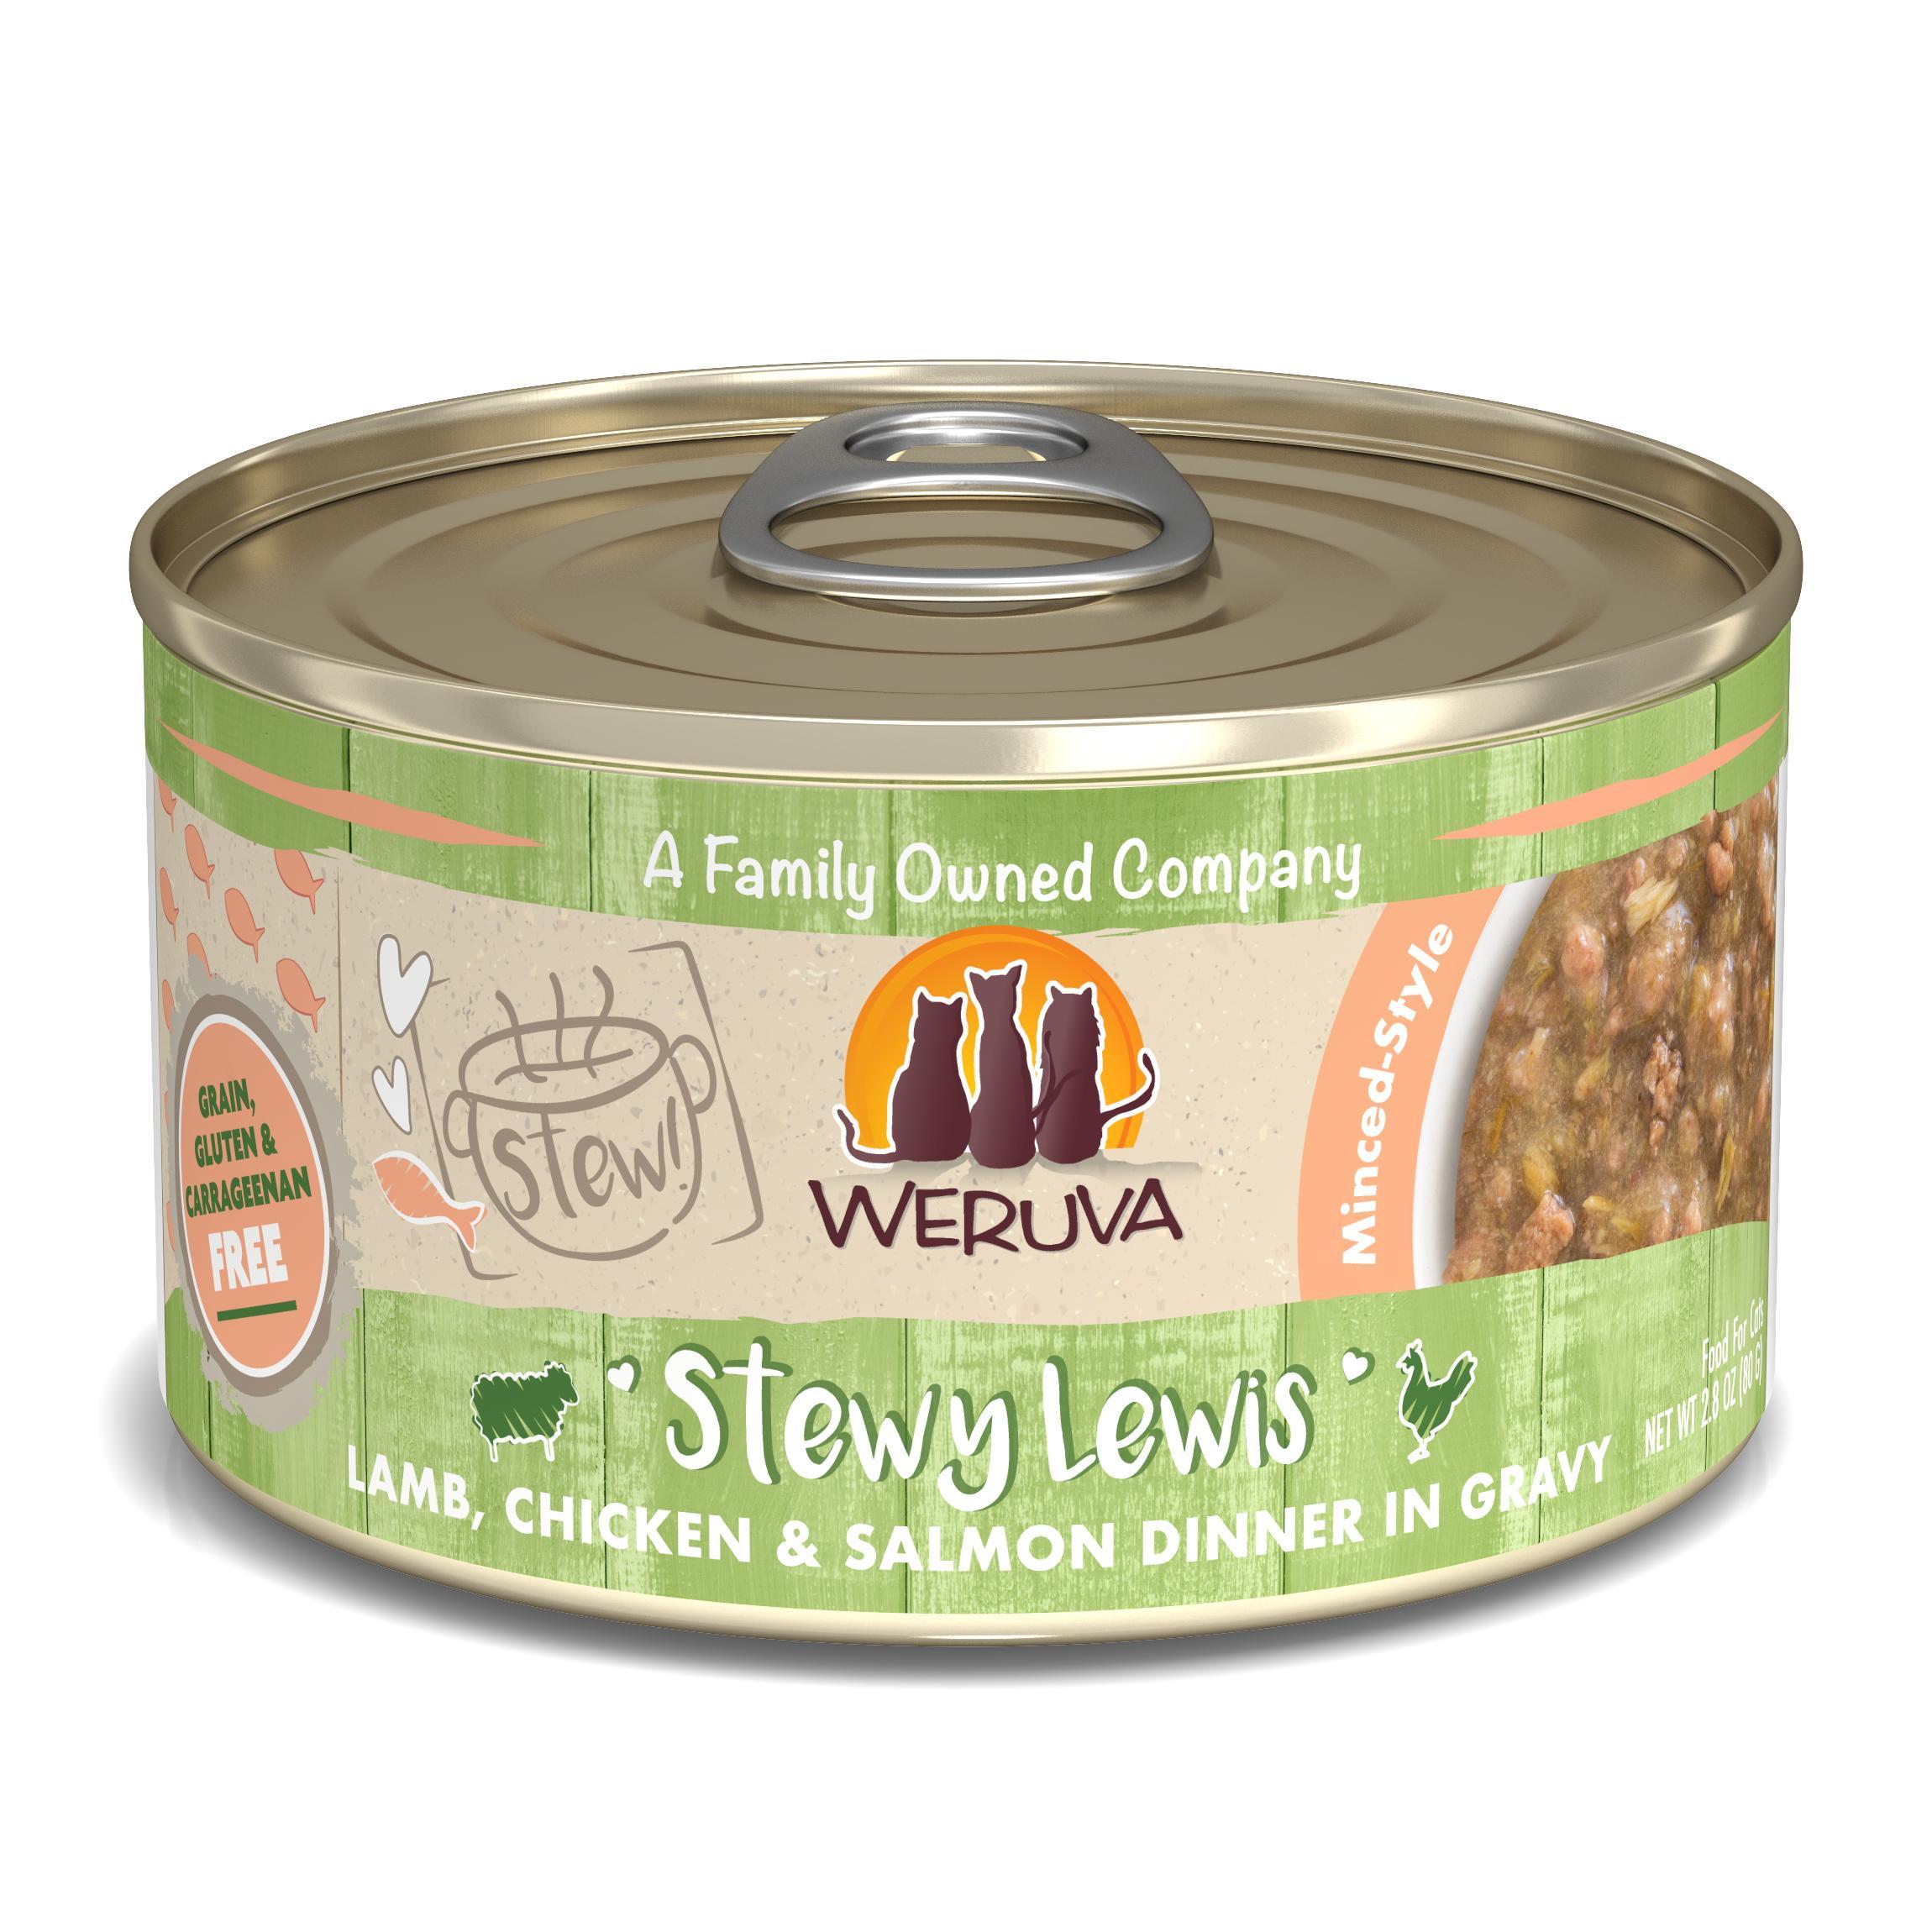 Weruva Cat Stew! Stewy Lewis Lamb, Chicken & Salmon Dinner in Gravy Wet Cat Food Image